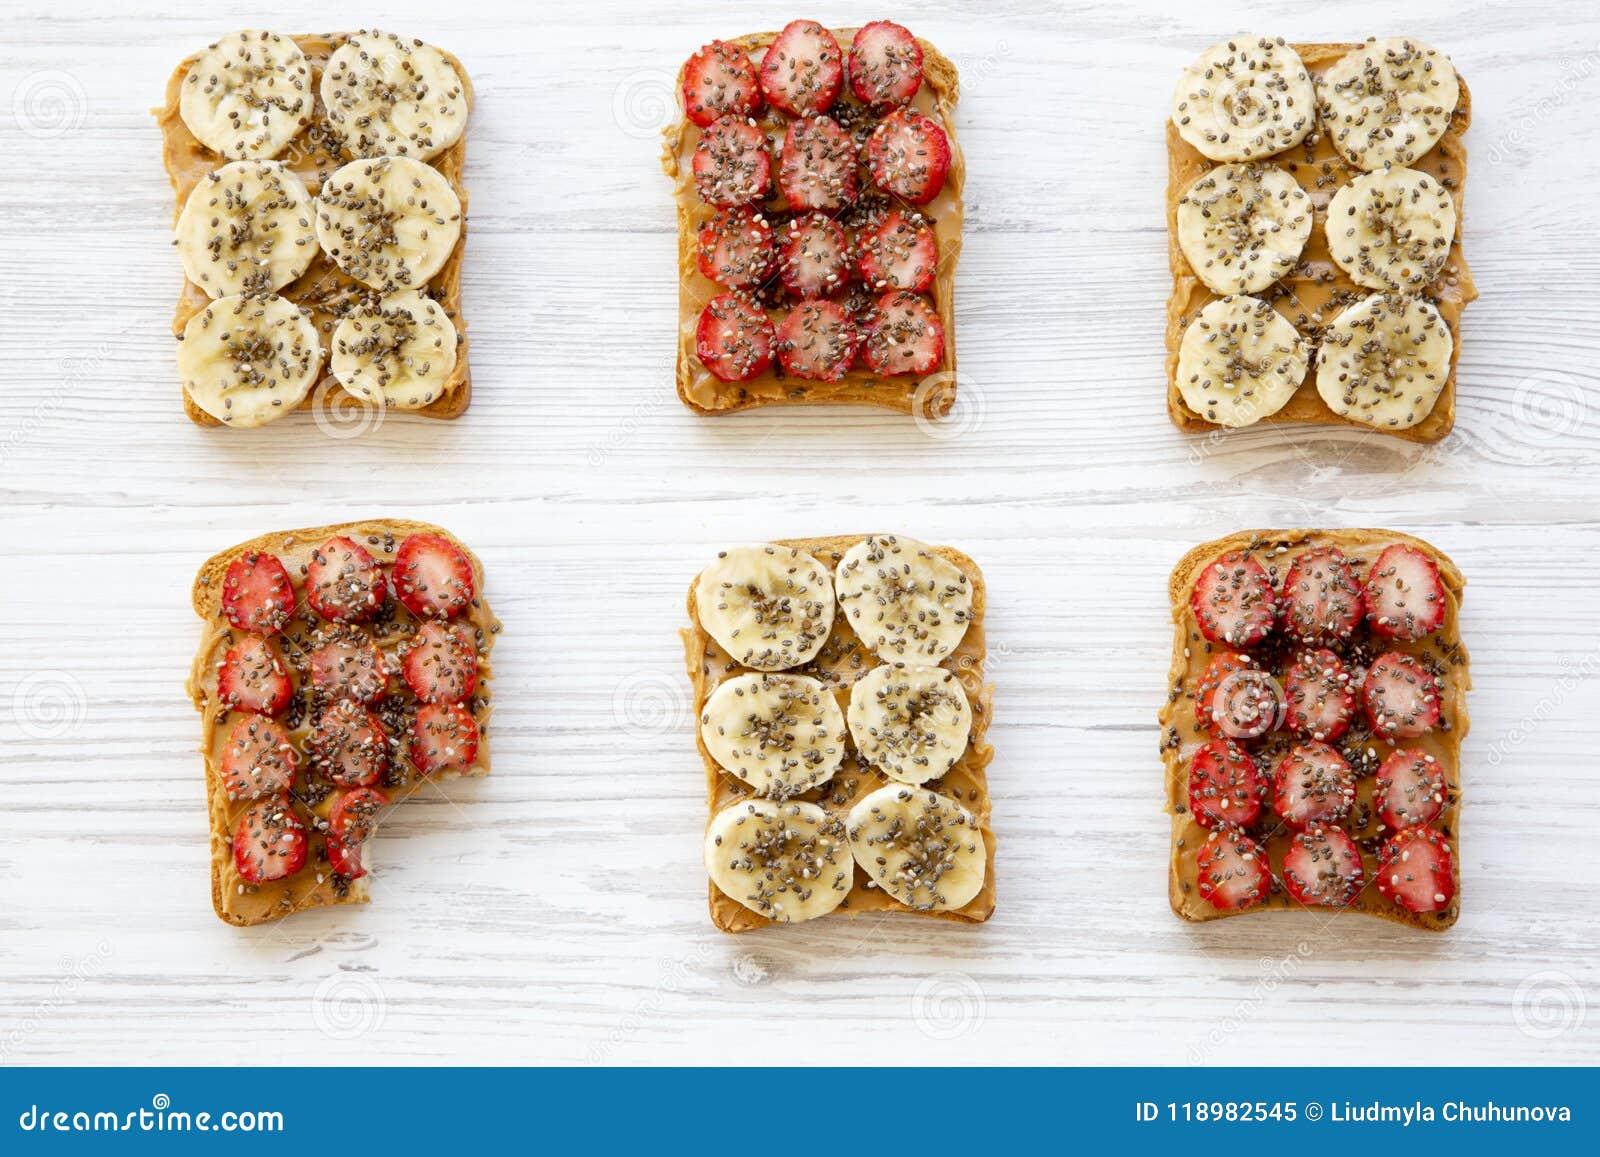 Gesundes Frühstück, nährendes Konzept Toast des strengen Vegetariers und ein gebissener Toast mit Früchten, Samen, Erdnussbutter